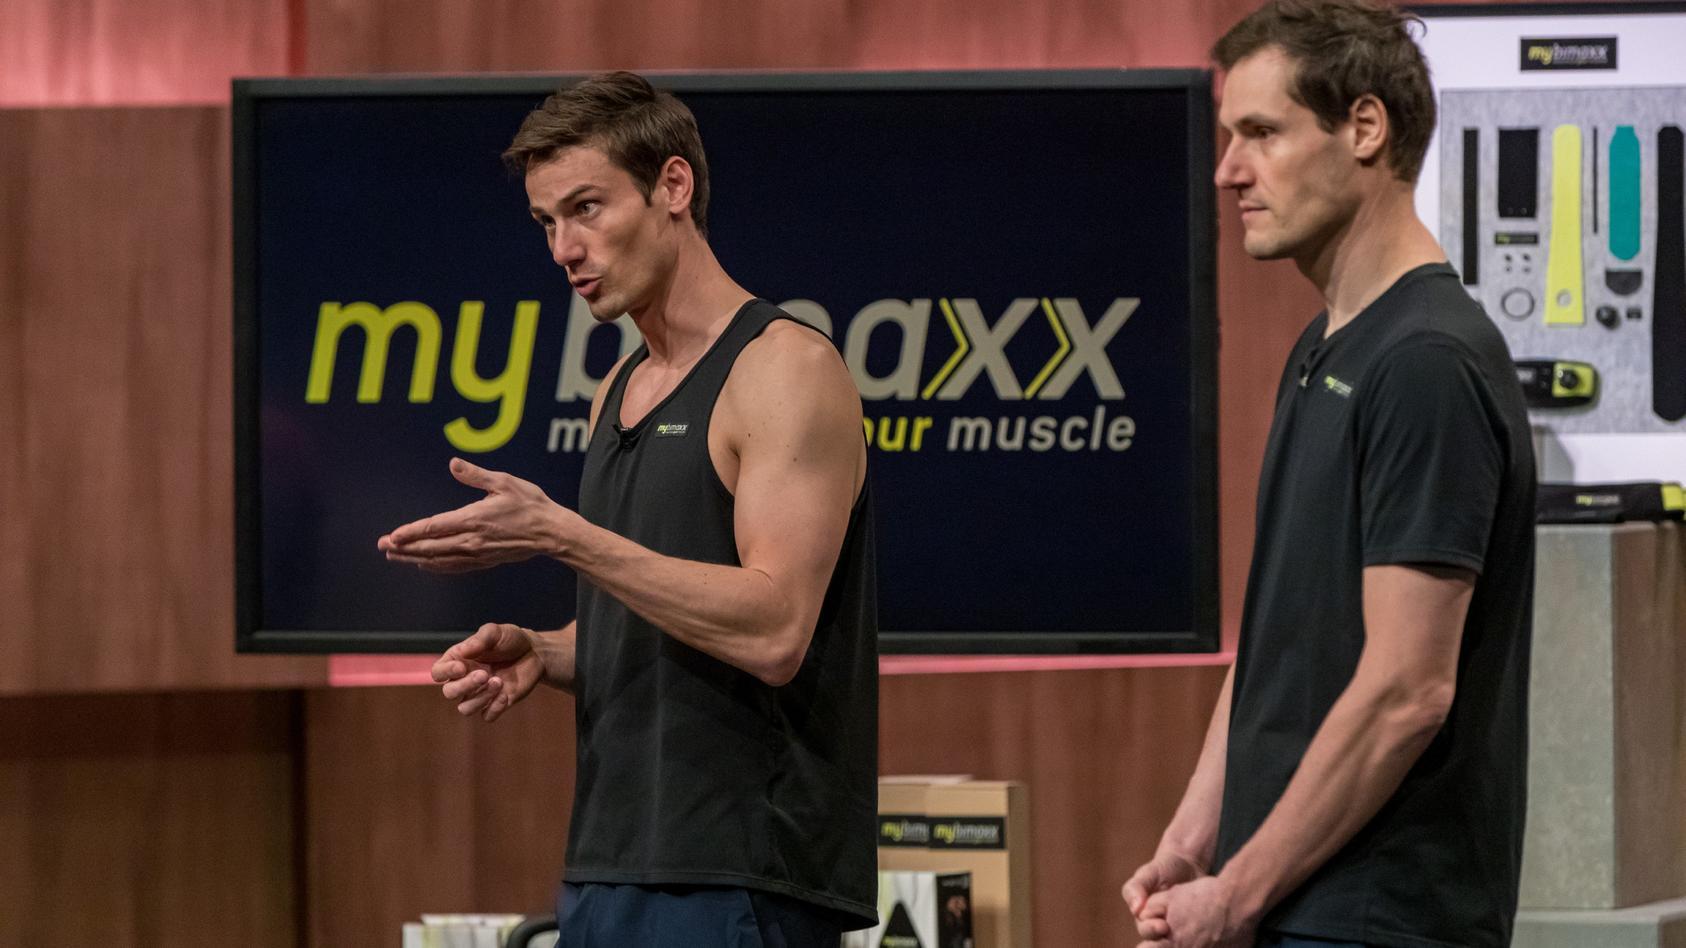 """Bastian (r.) und Lukas Erdmann präsentieren in """"Die Höhle der Löwen"""" mit """"mybimaxx"""" die Fitnessbandage für maximalen Muskelaufbau."""